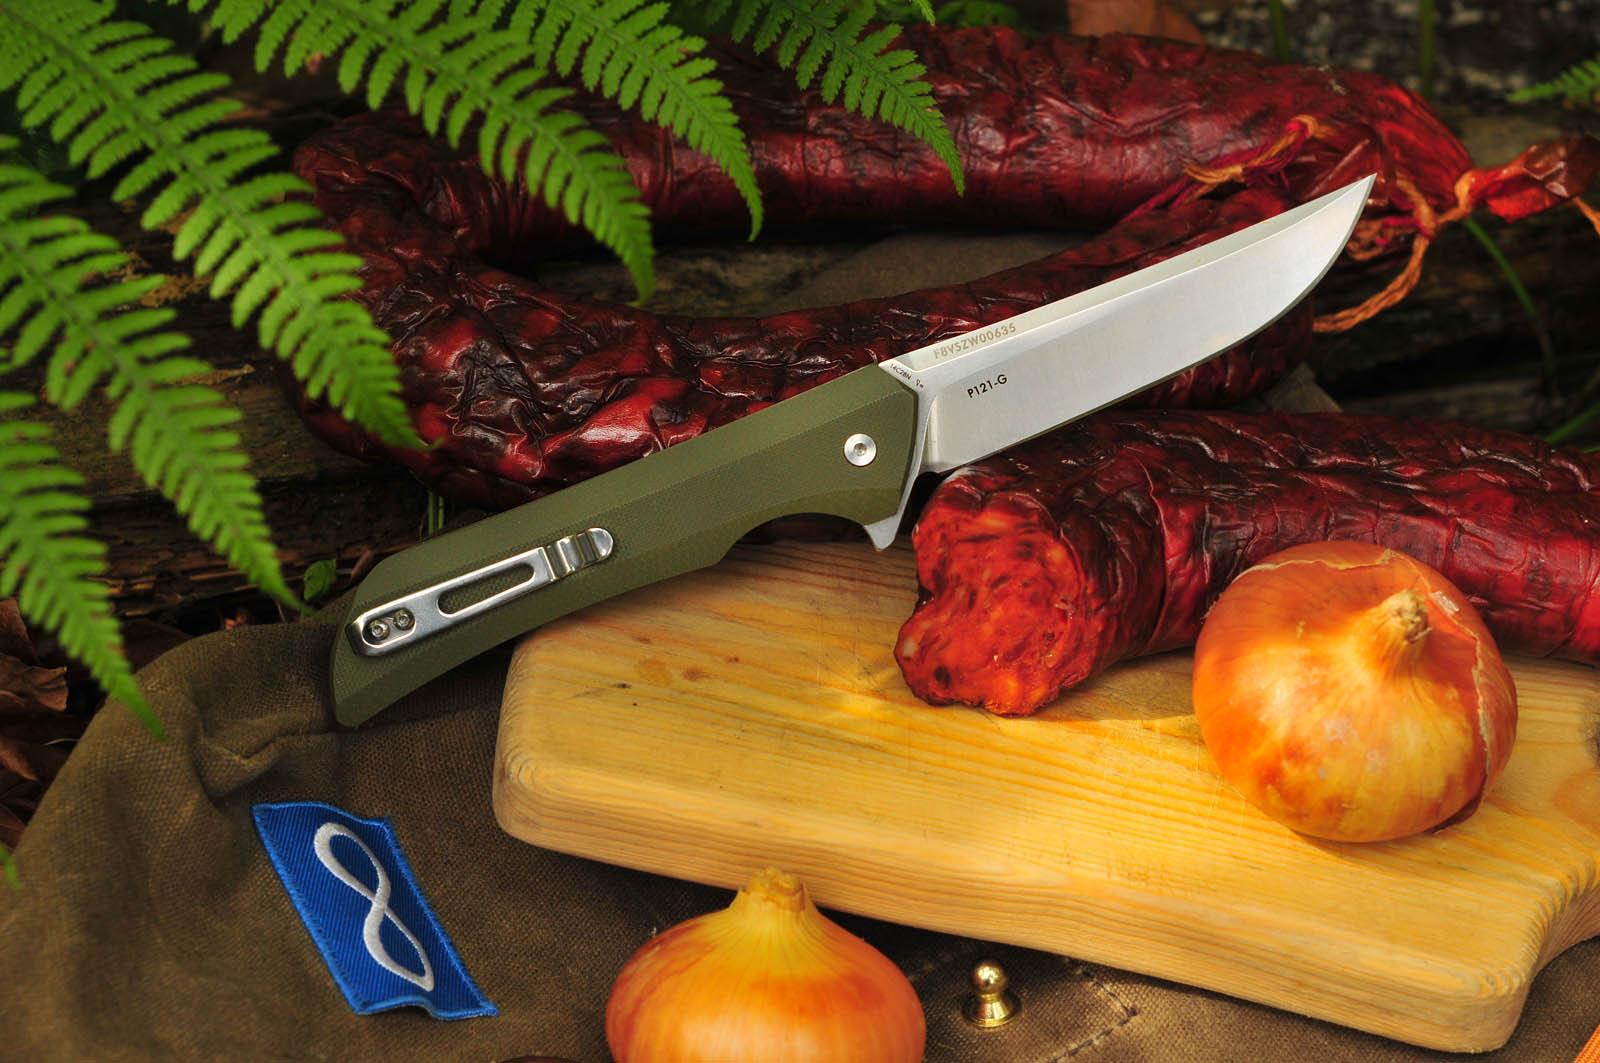 Vreckový nožík ako darček? Vyberajte s rozvahou